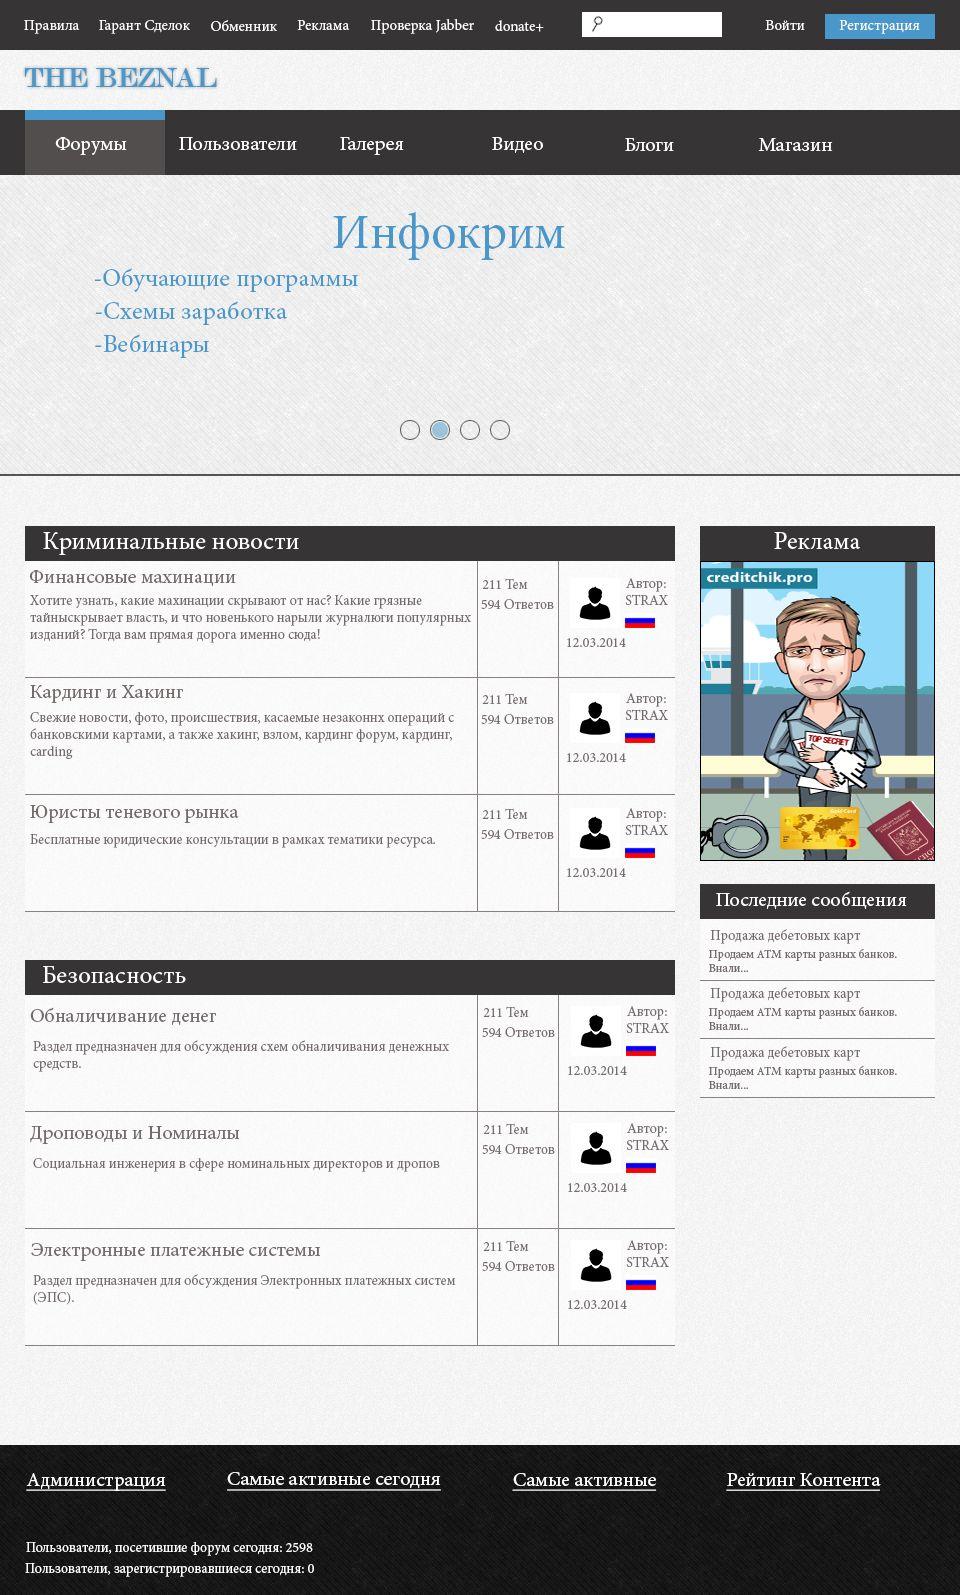 Стиль форума по инфокурсам (качественная гр-ка) - дизайнер ZeROMz